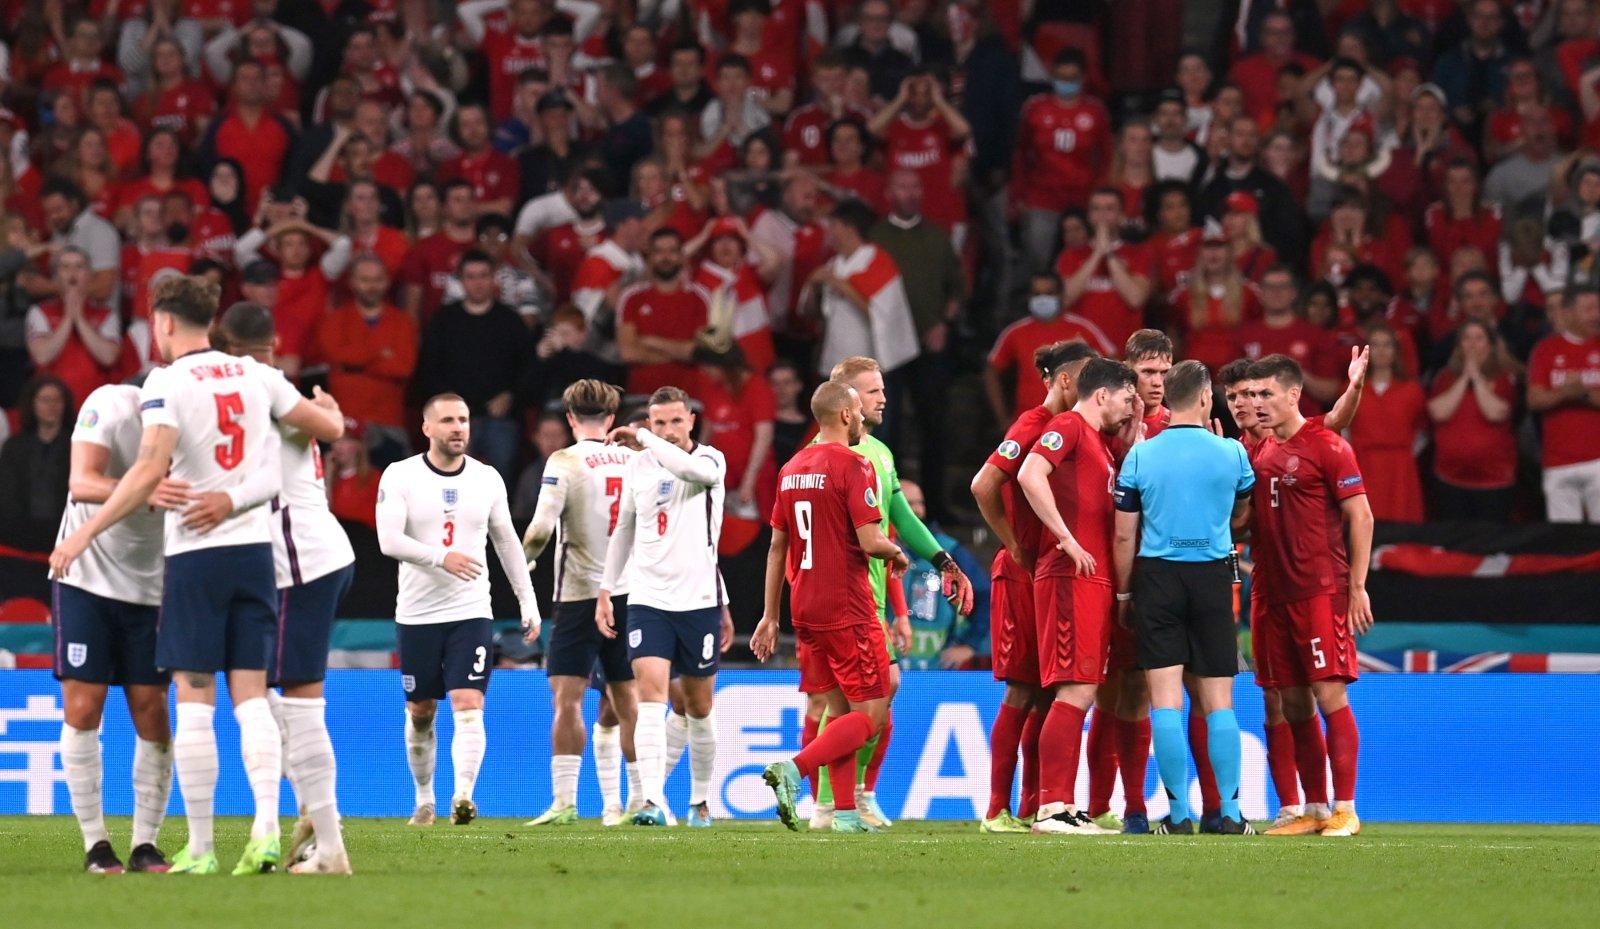 Inglaterra supera controvertidamente a Dinamarca para establecer la fecha final de la Eurocopa 2020 con Italia